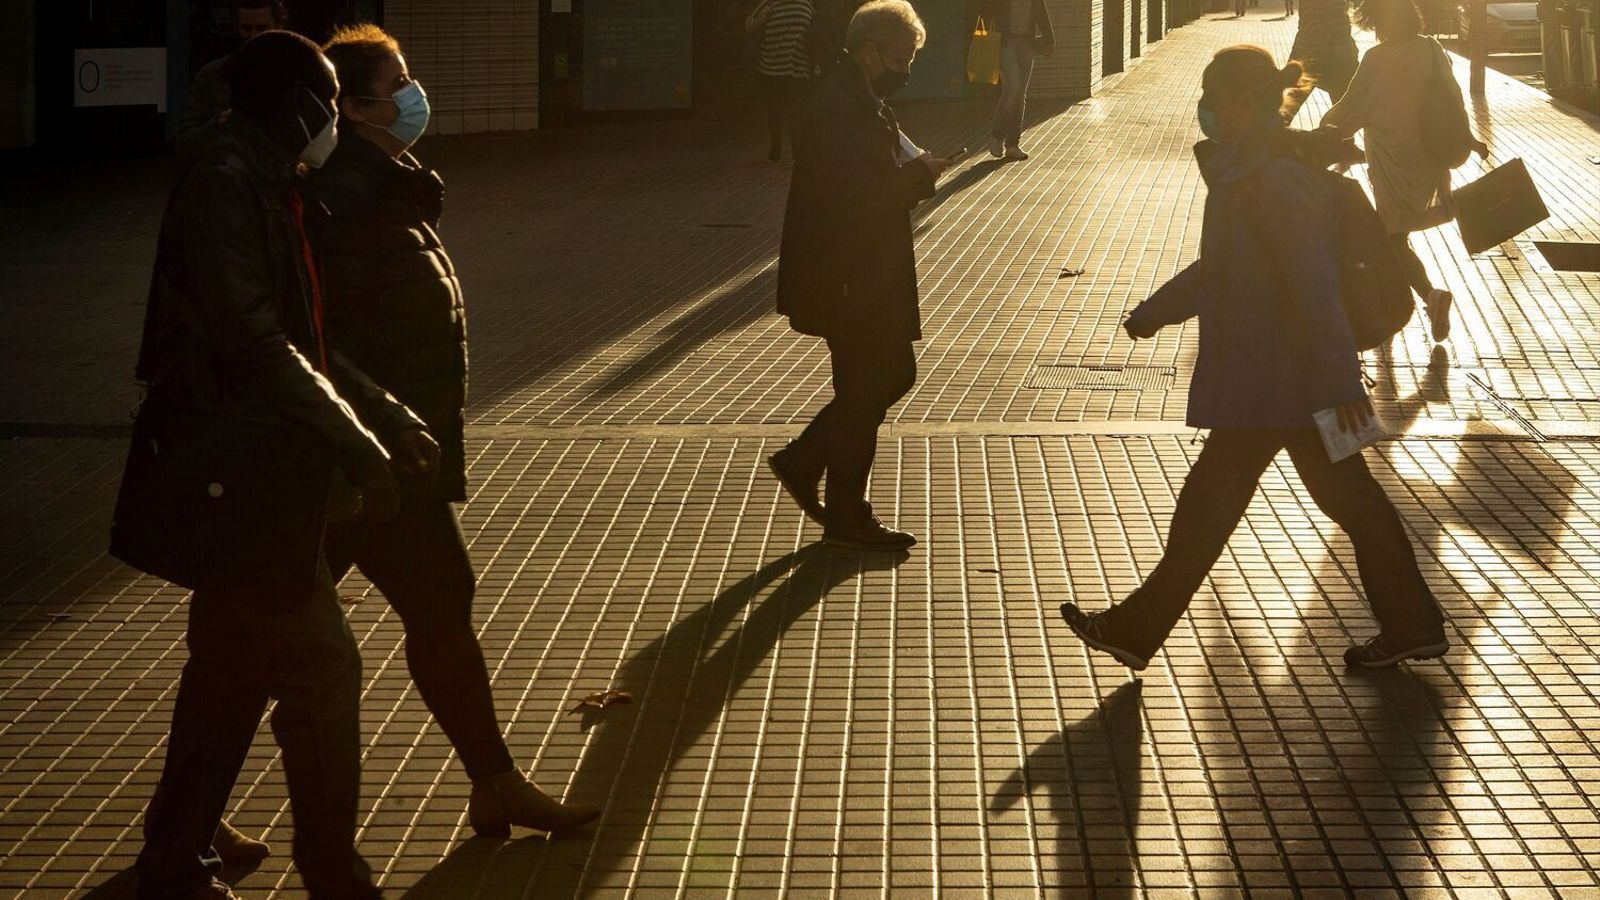 Diverses persones amb mascareta passejant pel carrer a Barcelona.